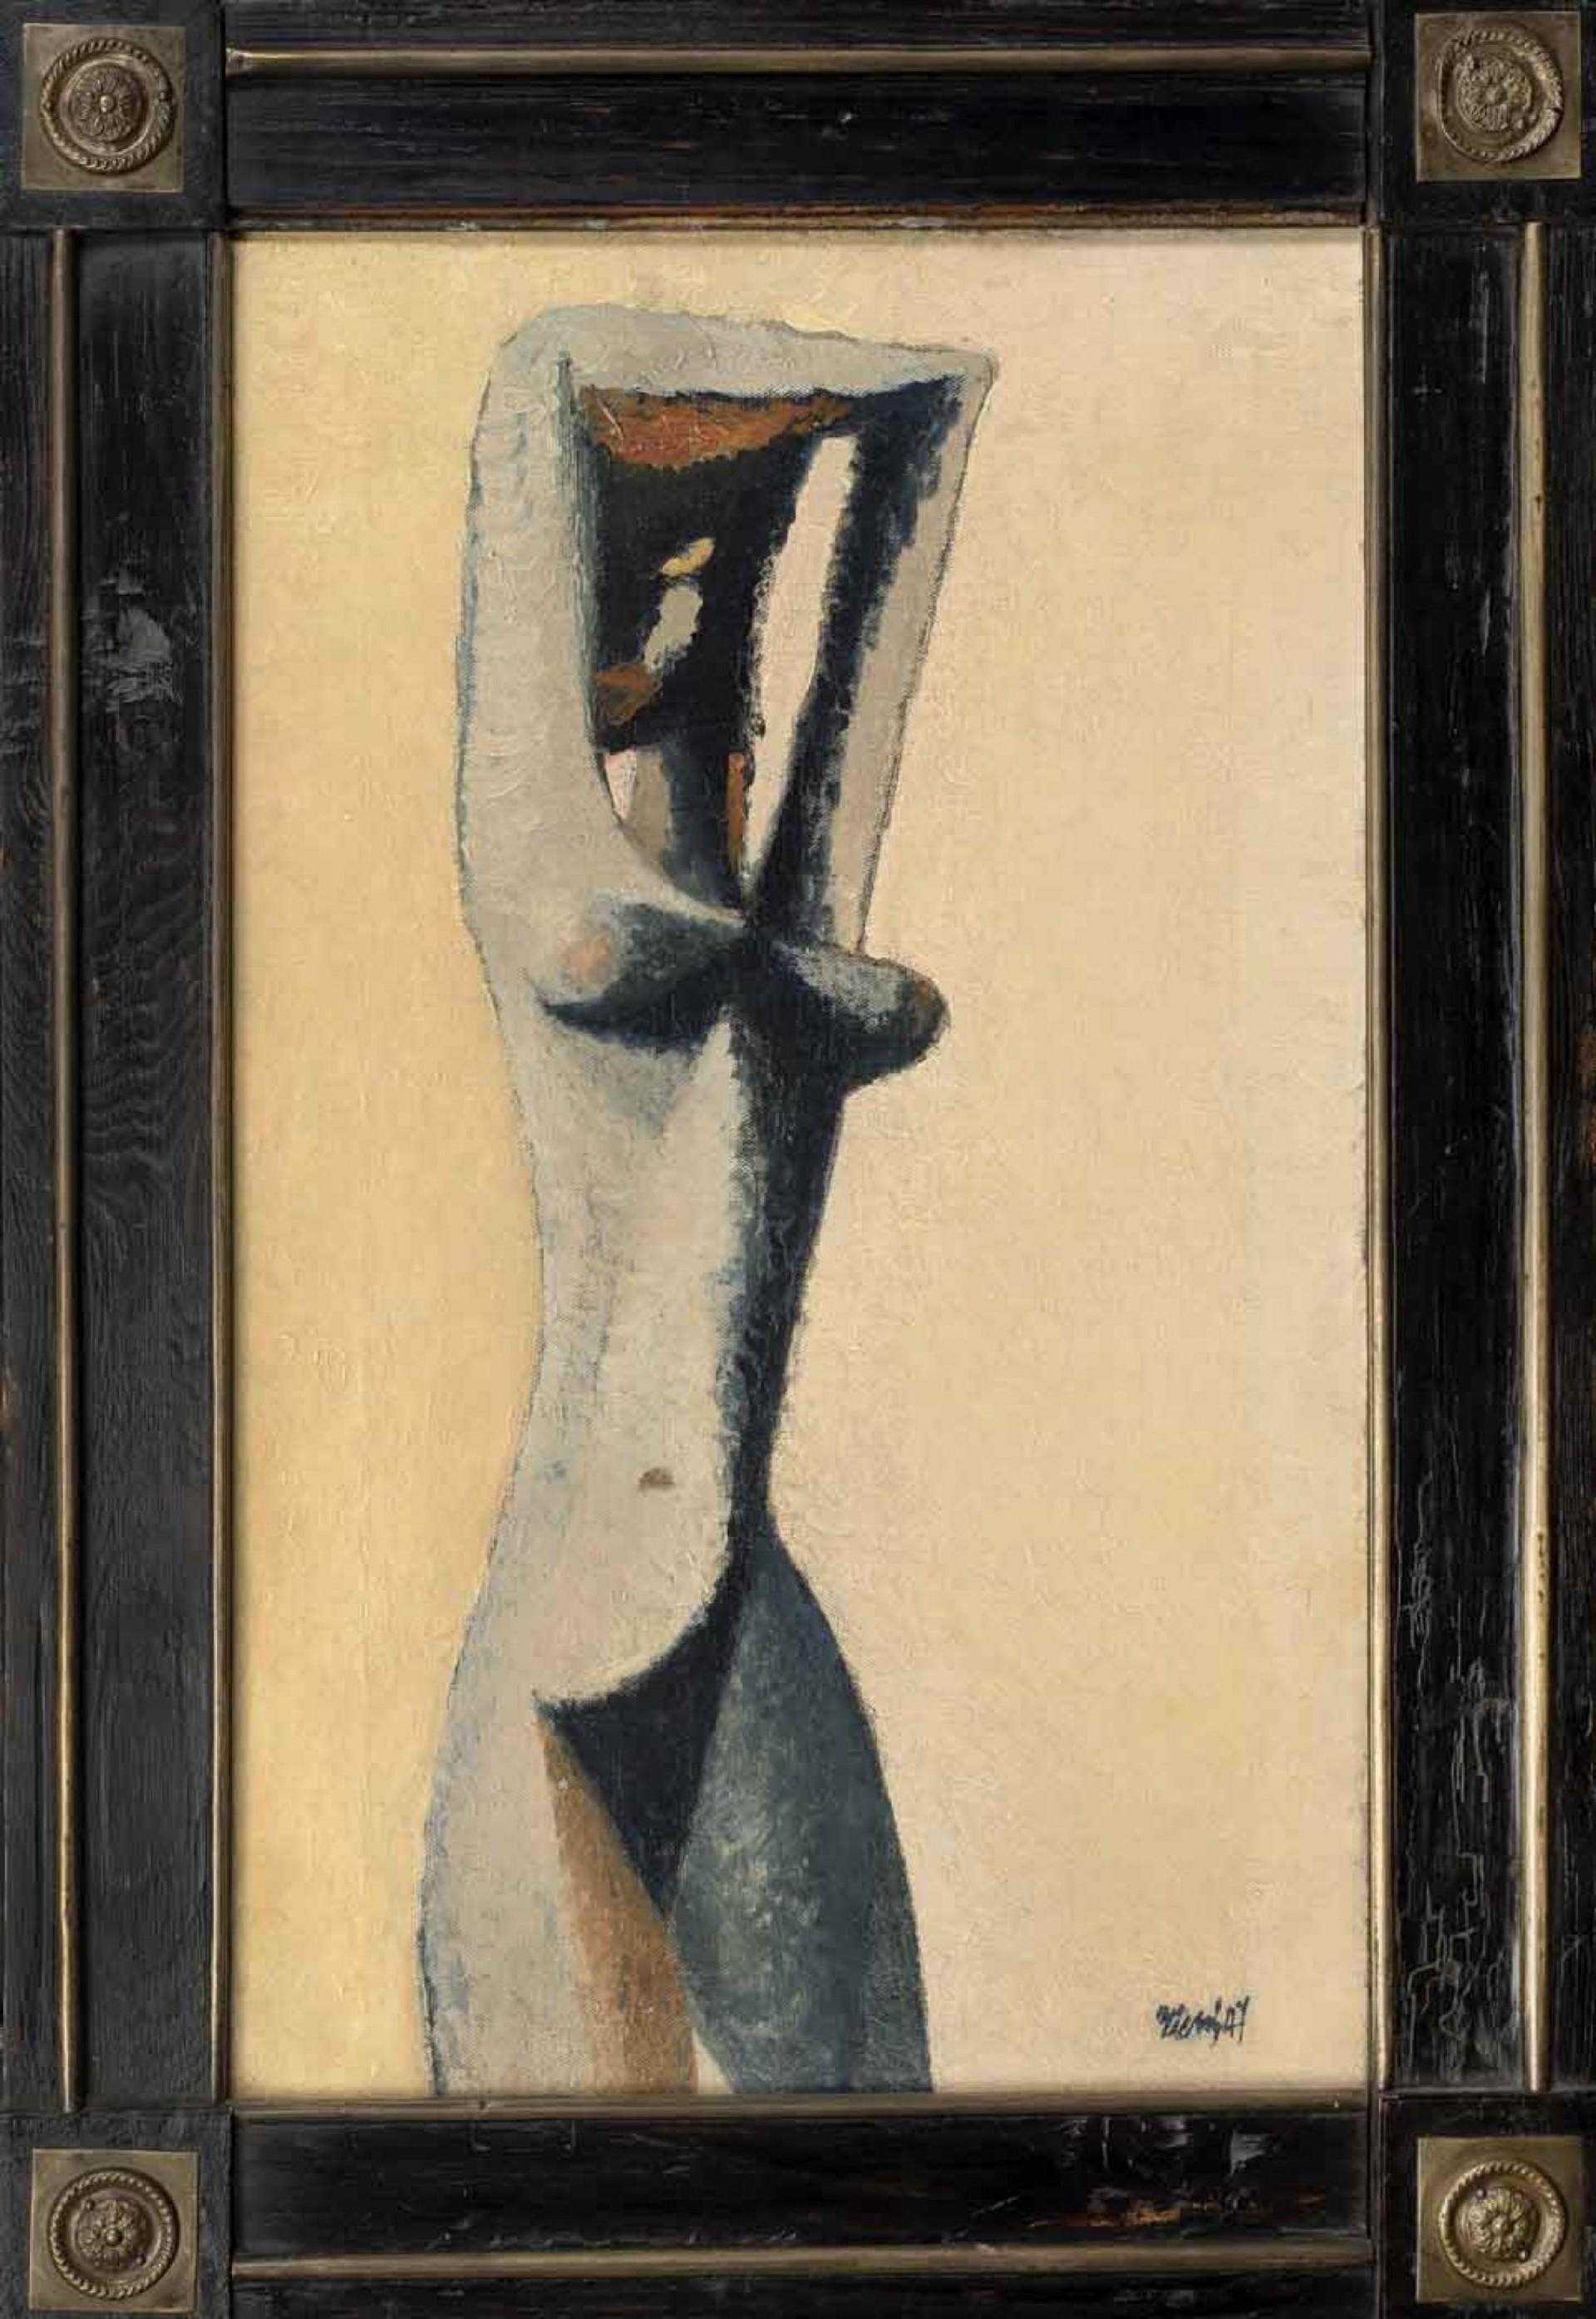 František Tichý: Bílá černoška, 1947, olej na plátně, 59 x 37 cm, cena: 2 520 000 Kč, Galerie Kodl, 1. 12. 2019